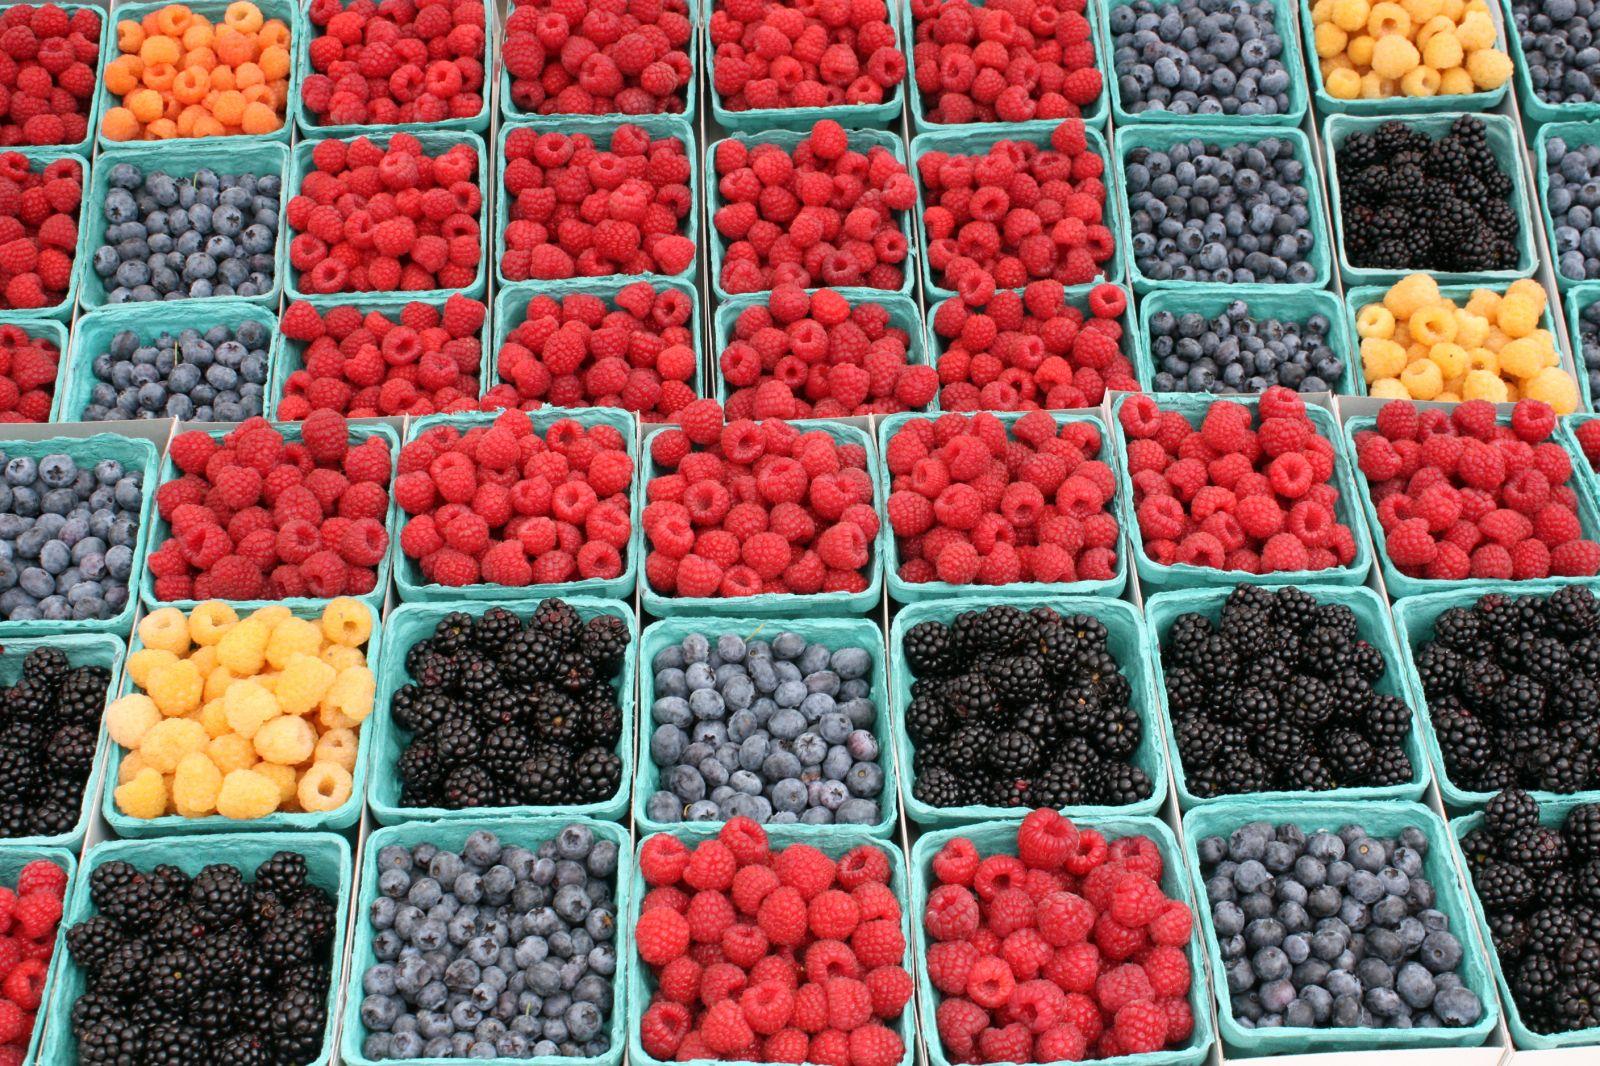 £1 мільярд за ягодозбирального робота